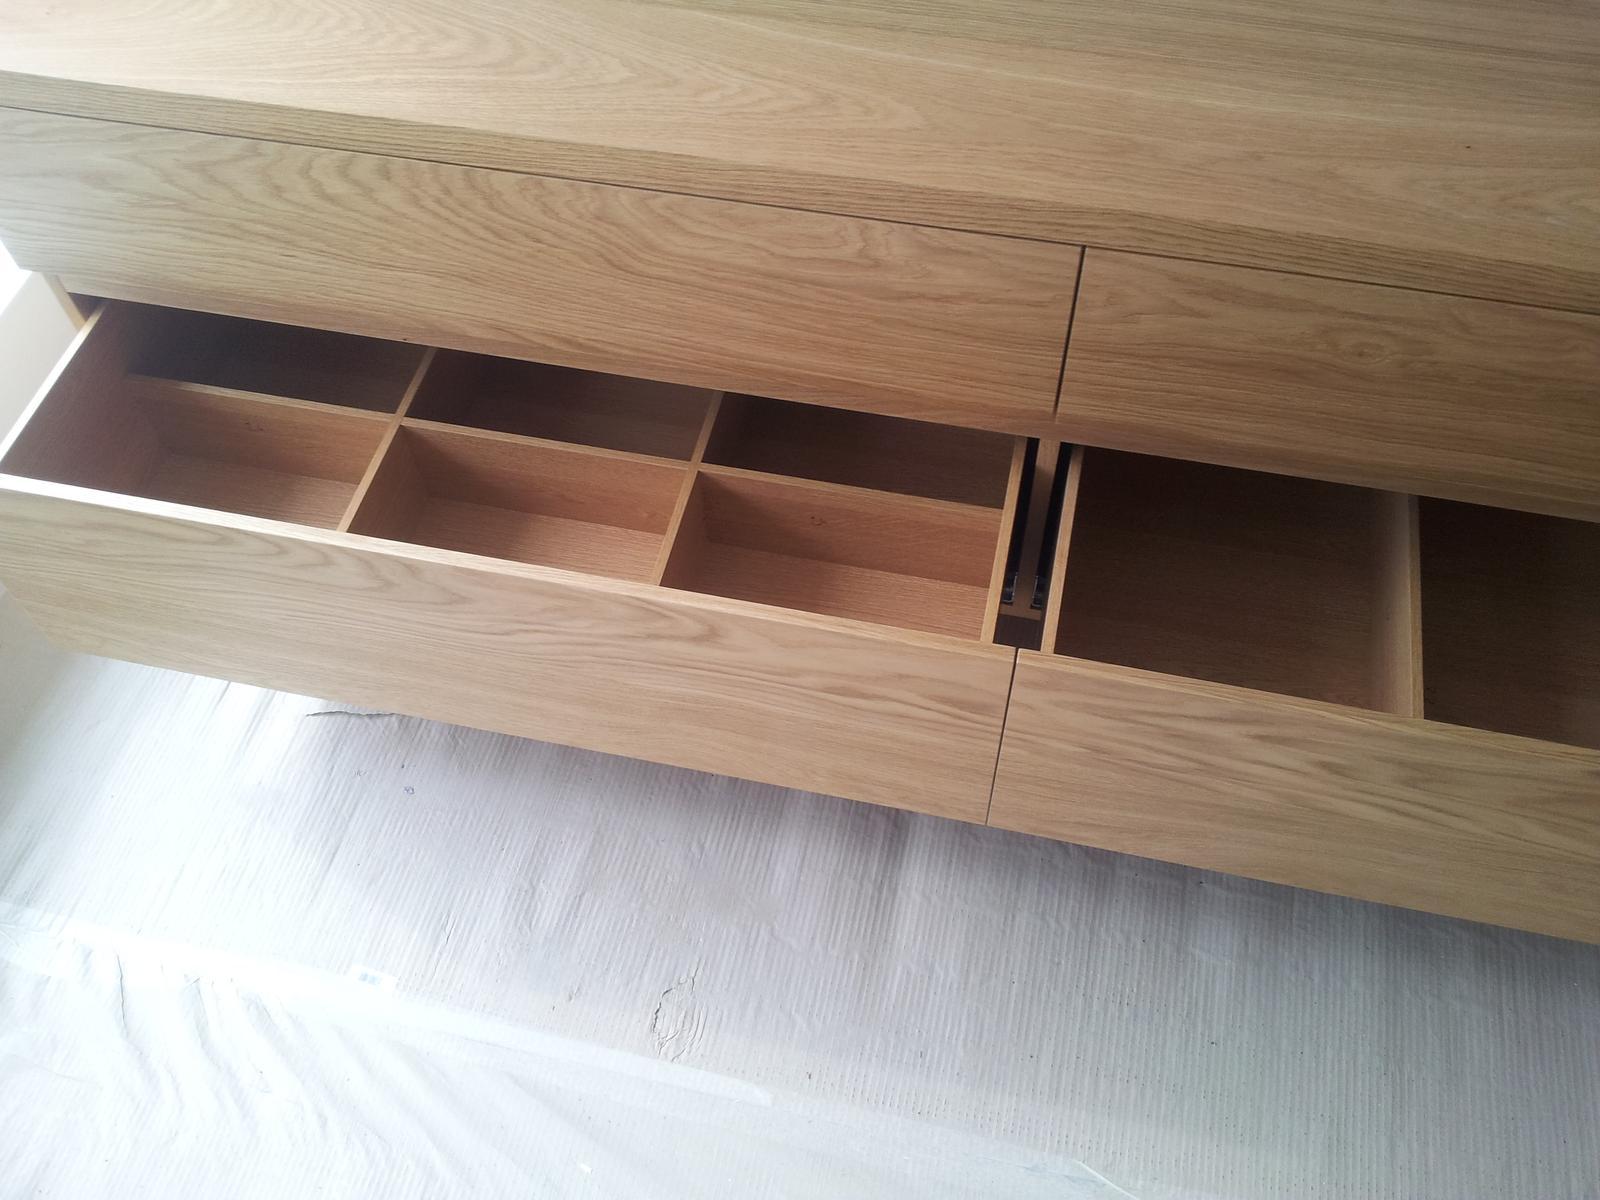 Dizajn a výroba nábytku na mieru Cubica - Závesná kúpeľňová skrinka - dub prírodný - vnútorné rozdelenie - výroba cubica